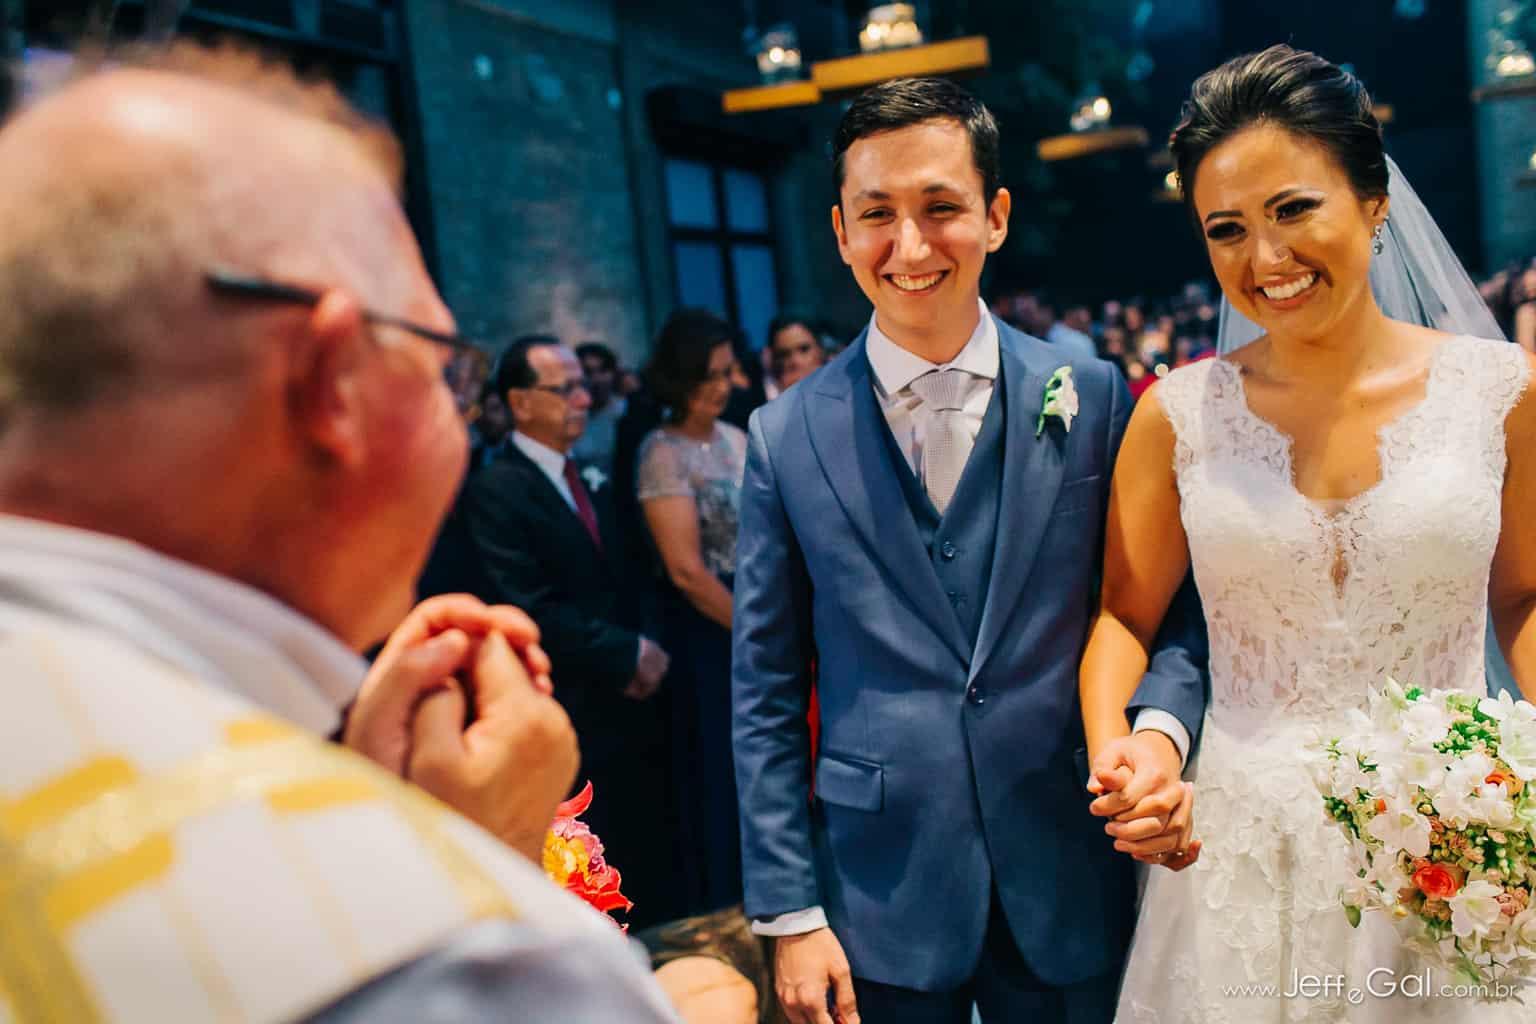 casamento-Beth-e-Daniel-cerimonia32